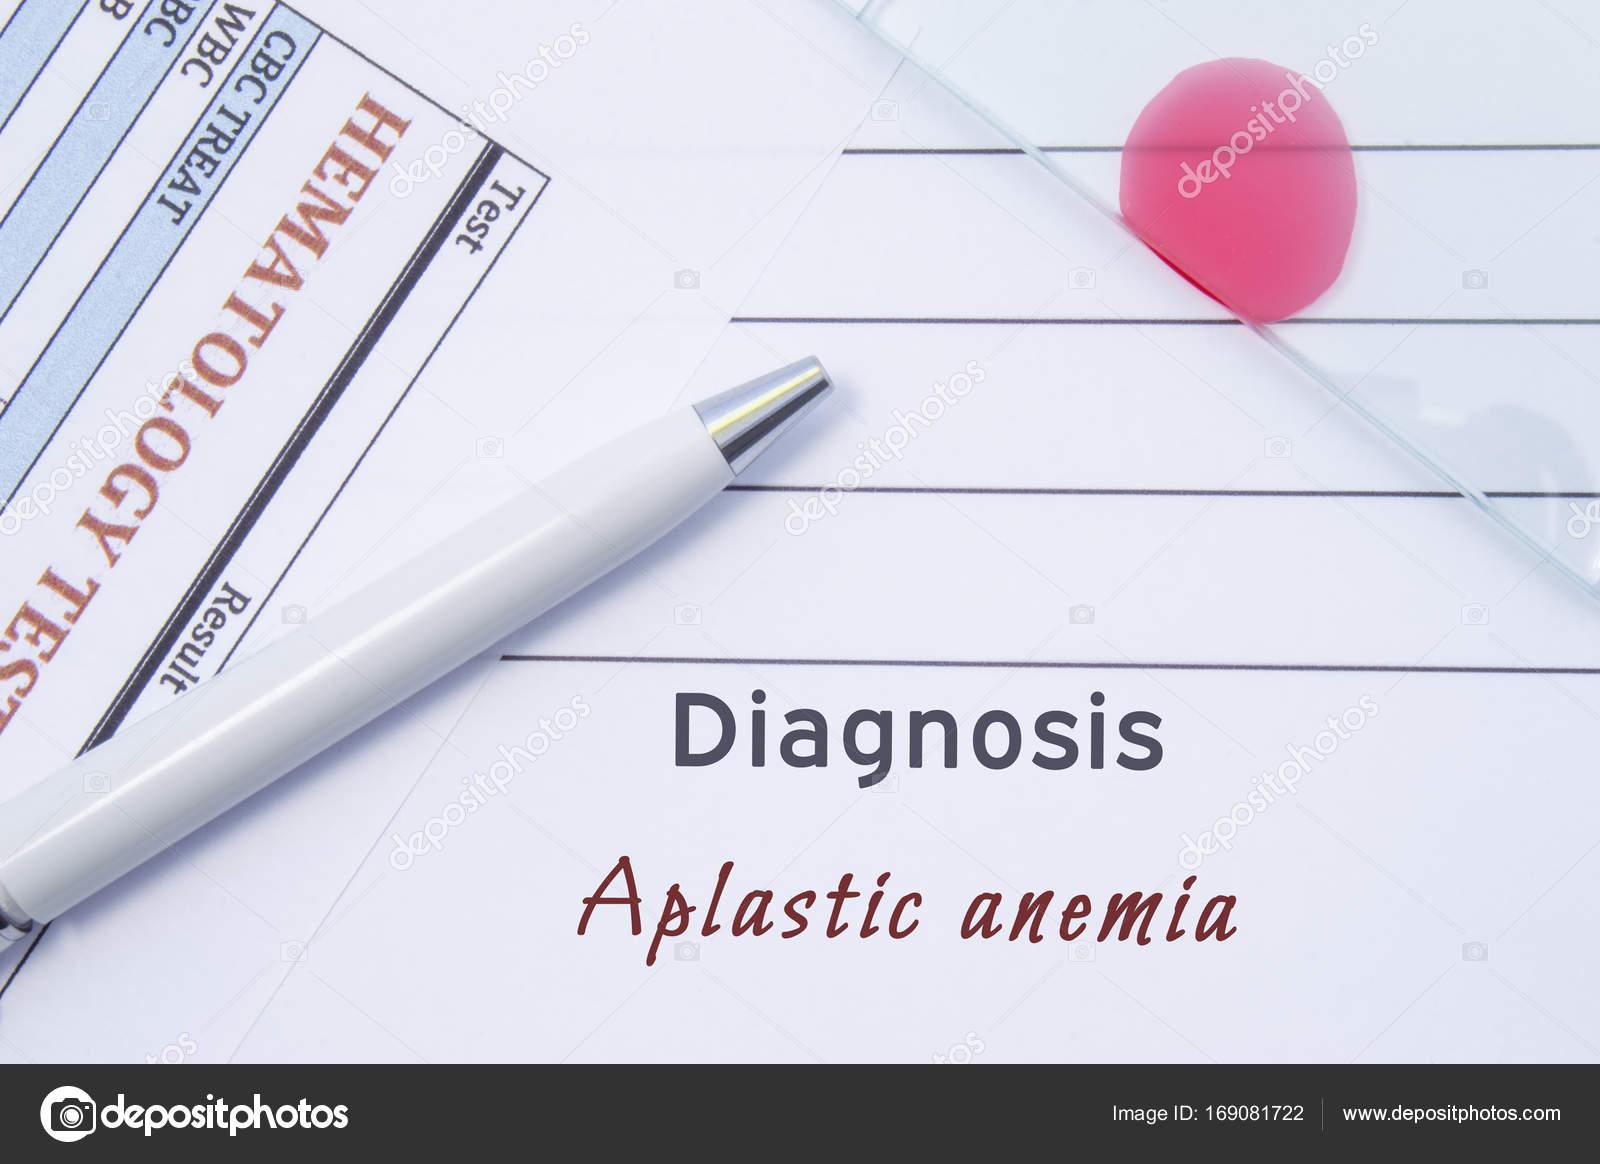 Апластическая анемия: причины, симптомы, диагностика, лечение